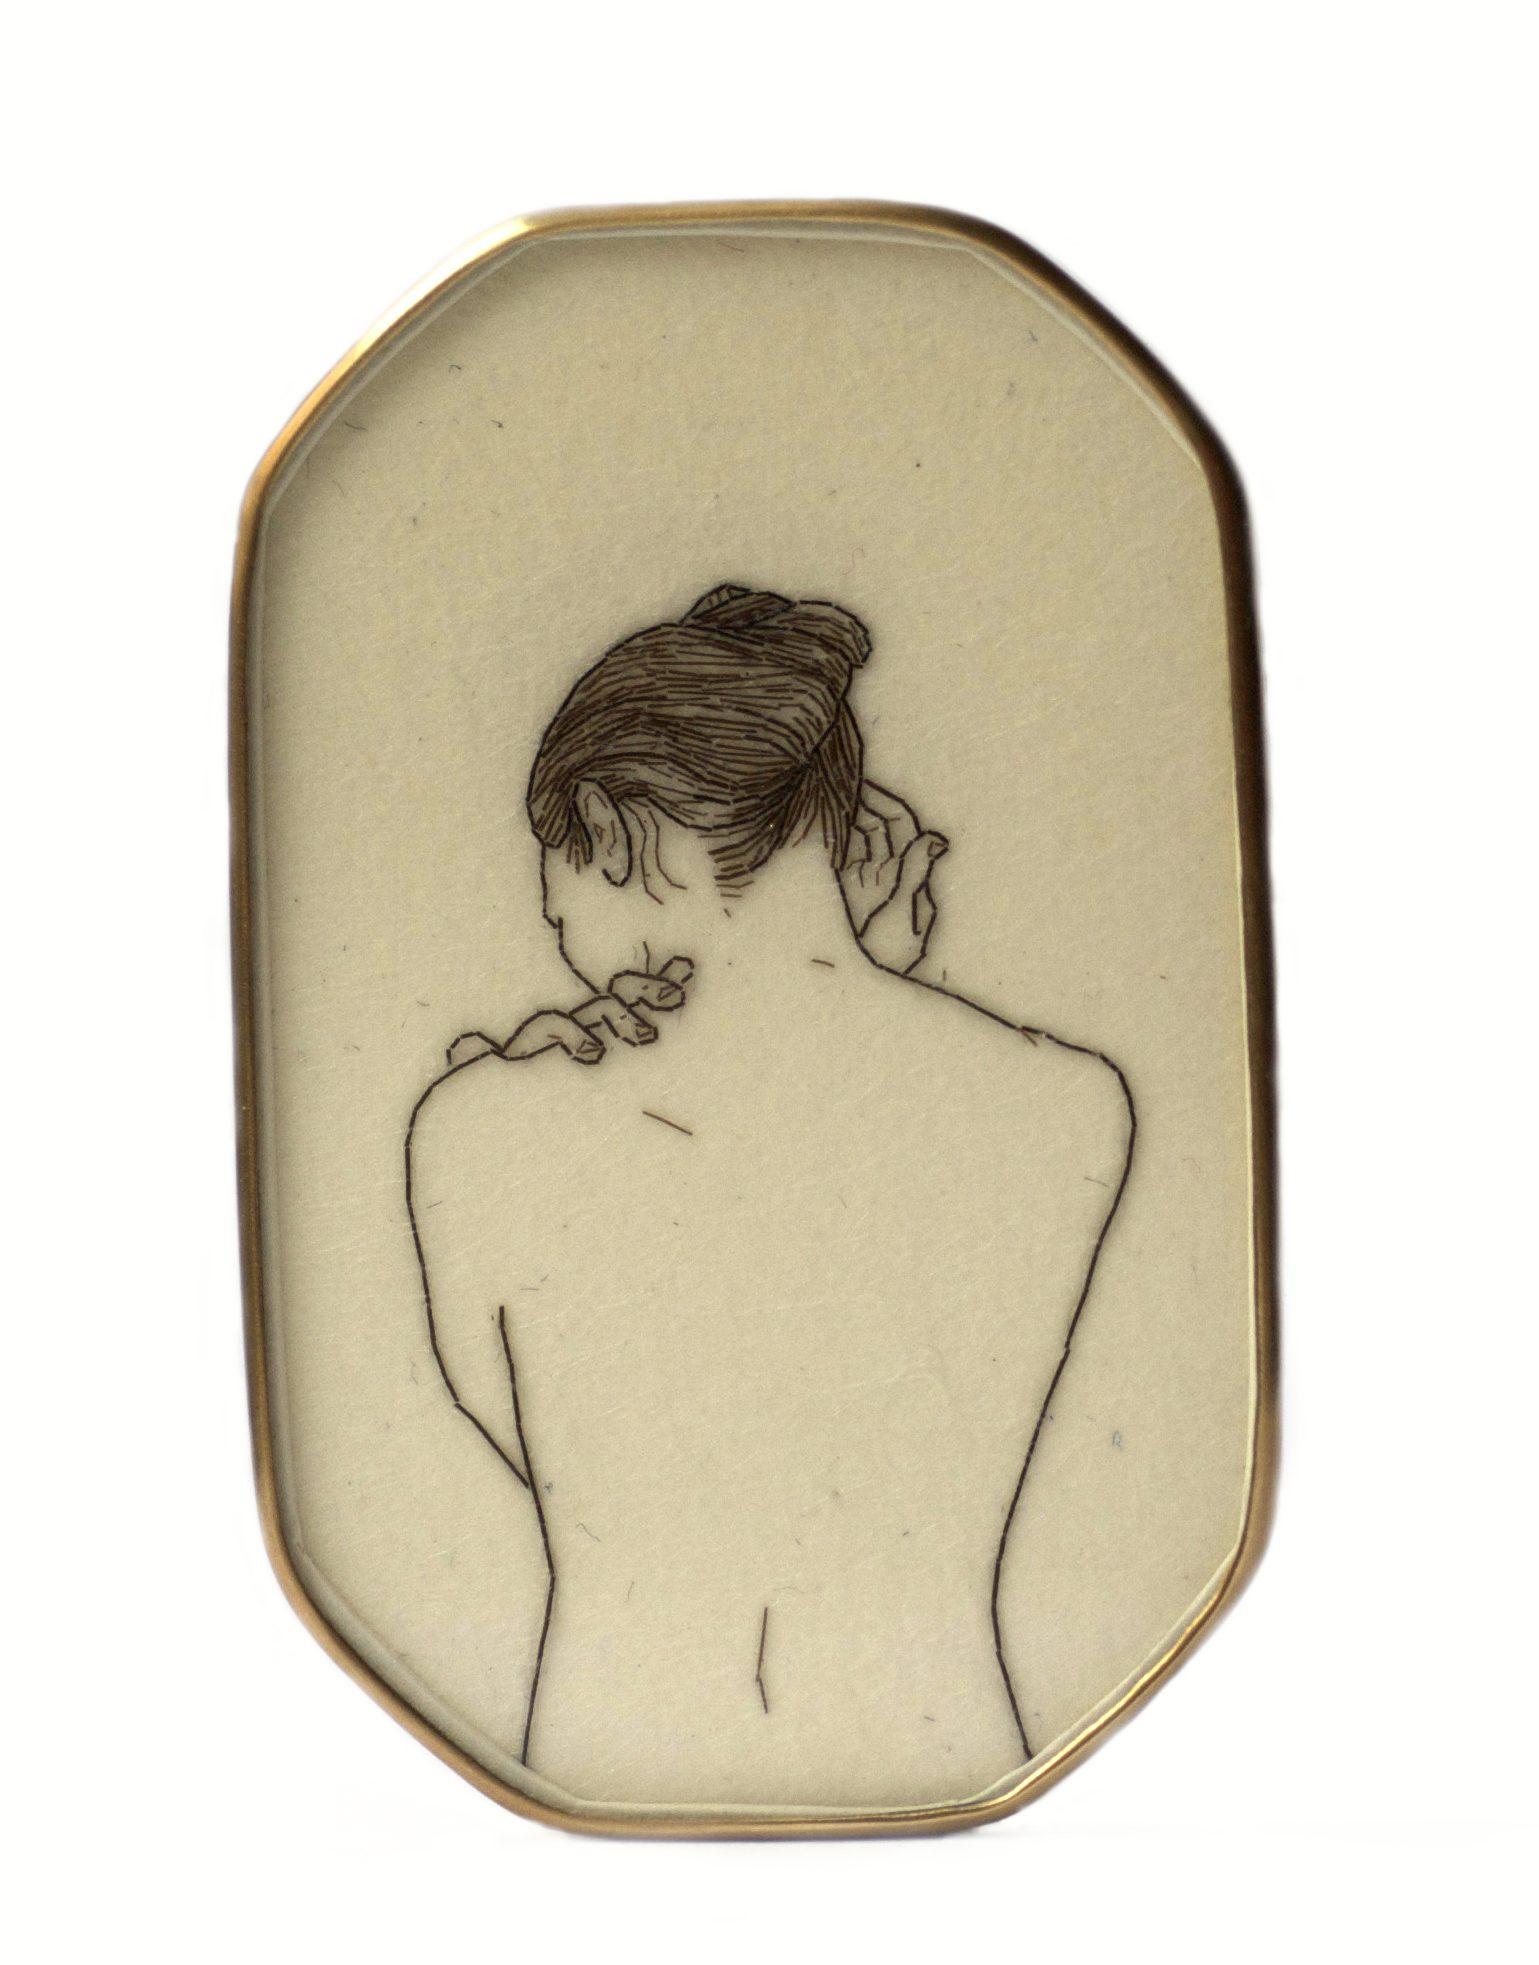 Melanie Bilenker, Smooth, broche, 2013, voorzijde. Von Hier und Dort, 2015. Foto Sienna Patti, menselijk haar, papier, goud, kristal